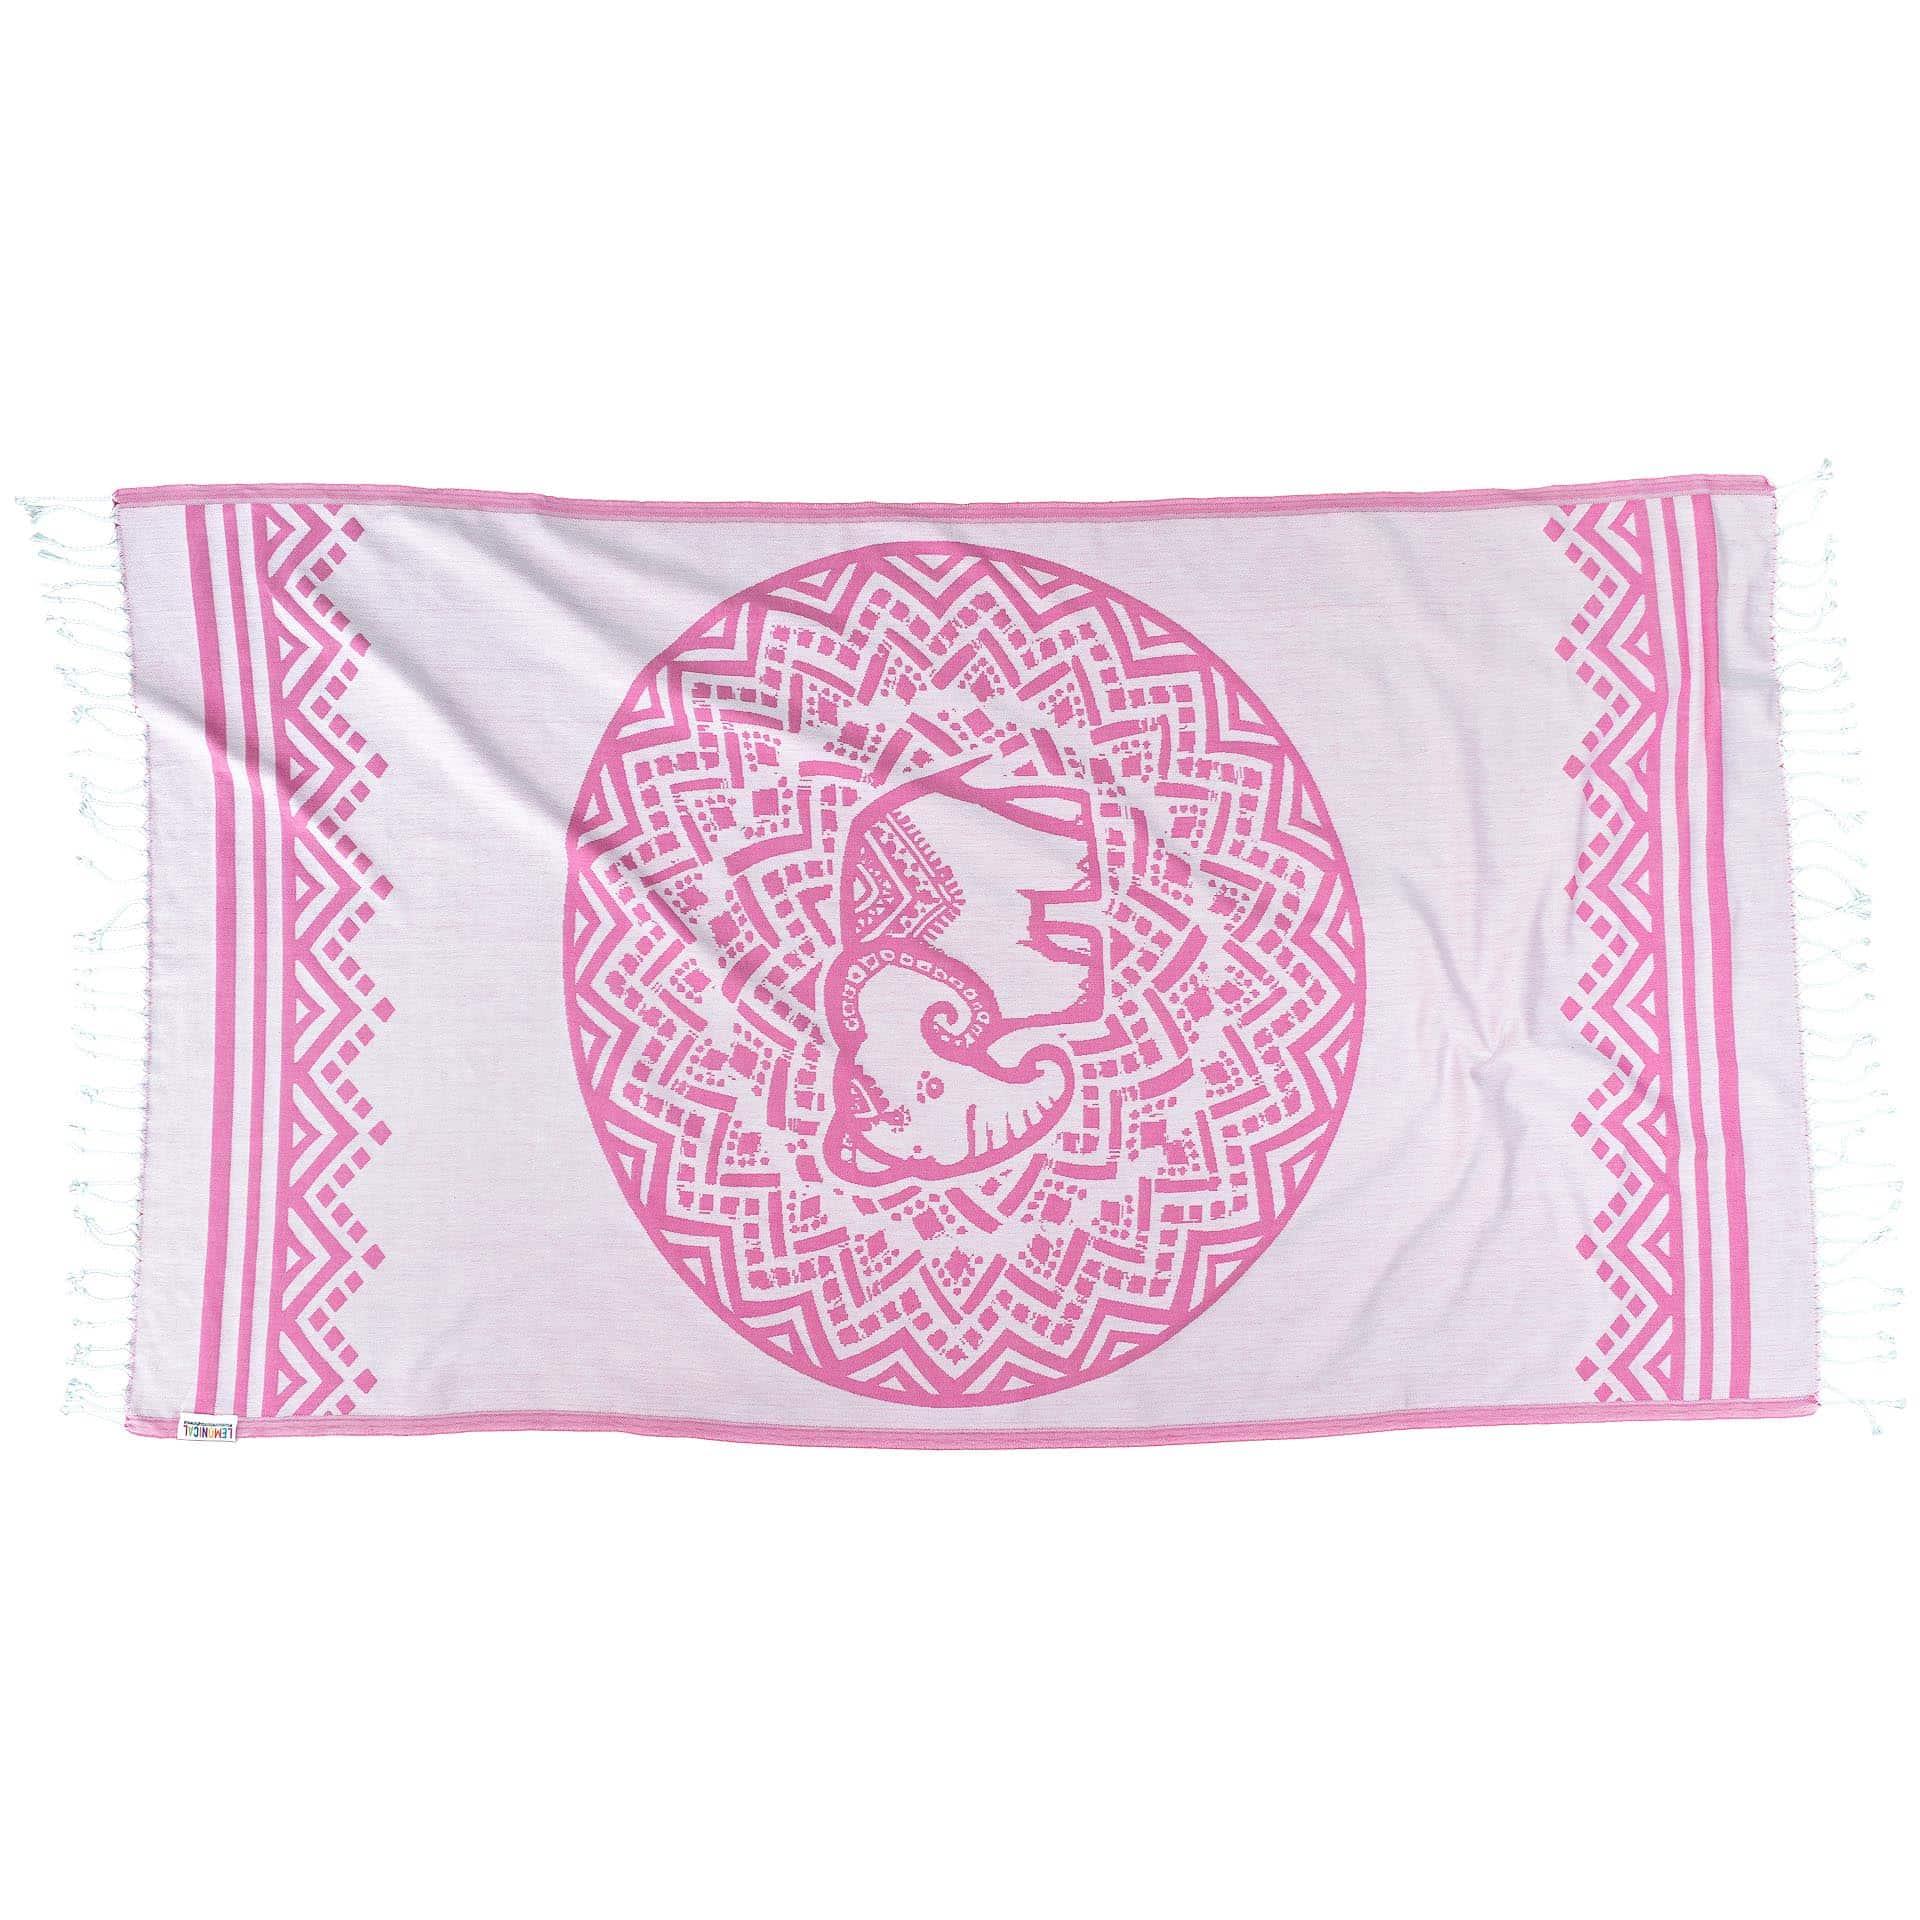 PINK ELEPHANT-Towel-Lemonical-2